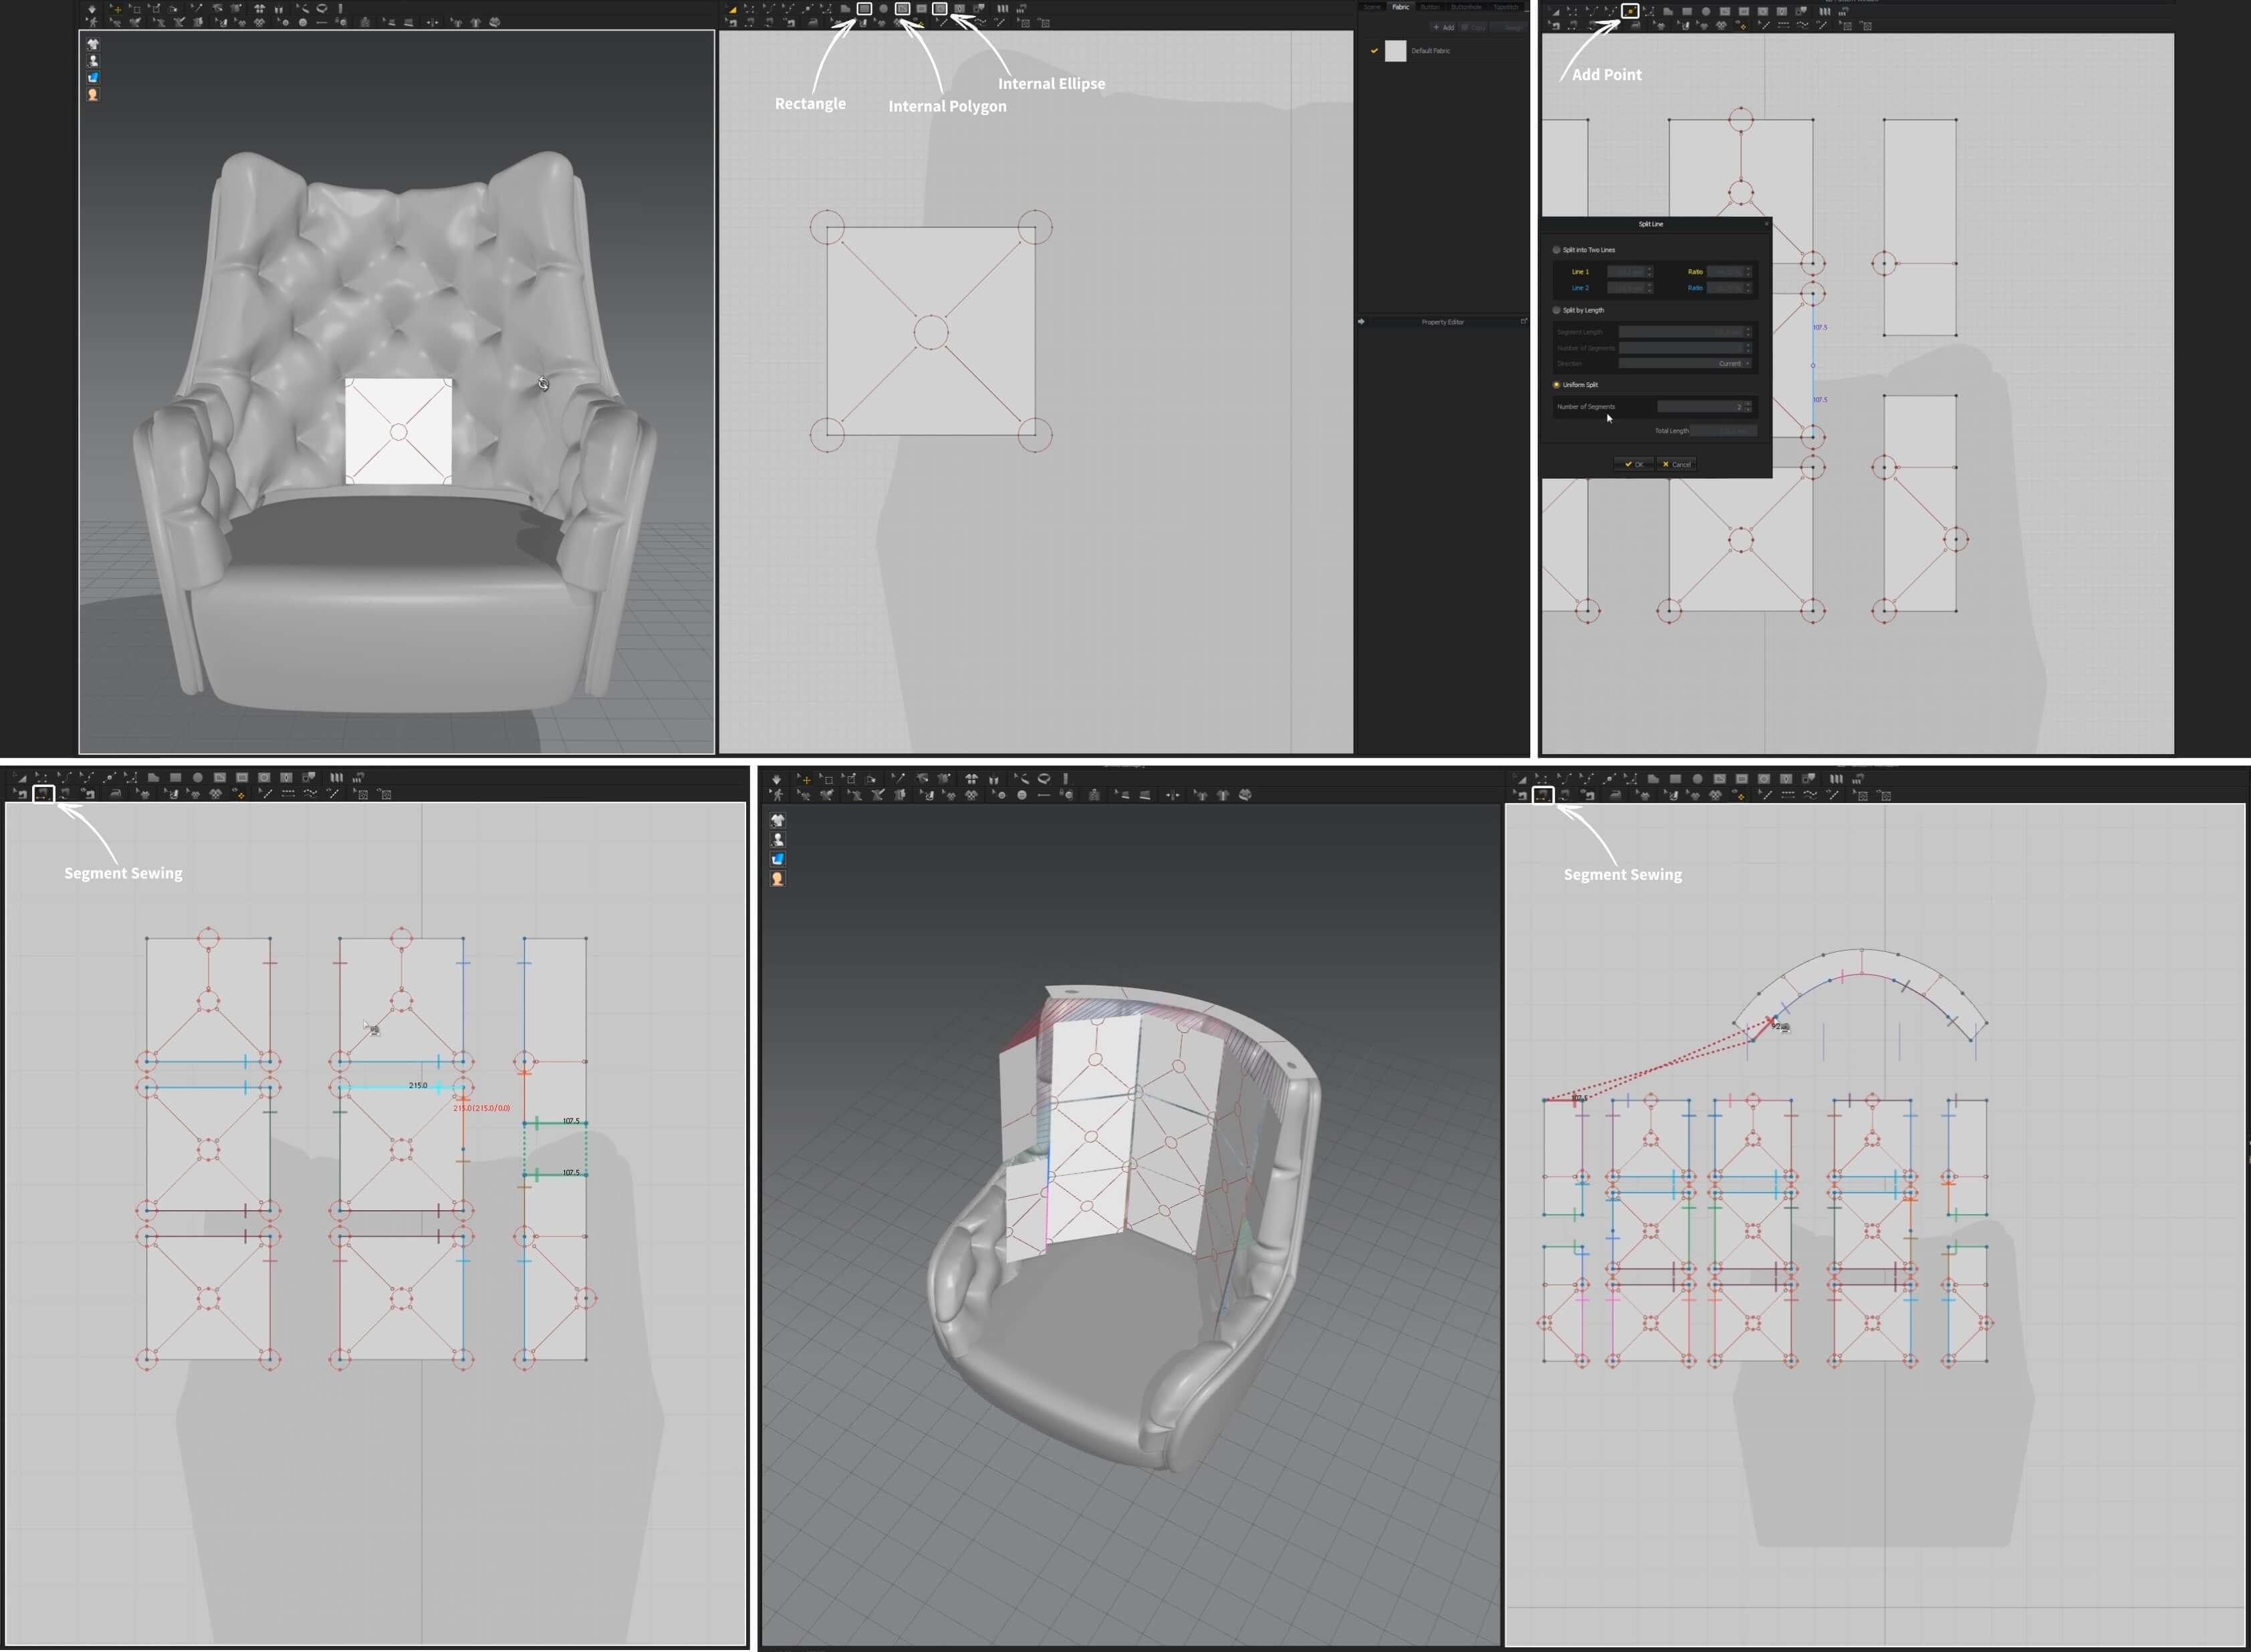 3d моделирование кресла Epoque Unique в 3dsMax, Marvelous Designer